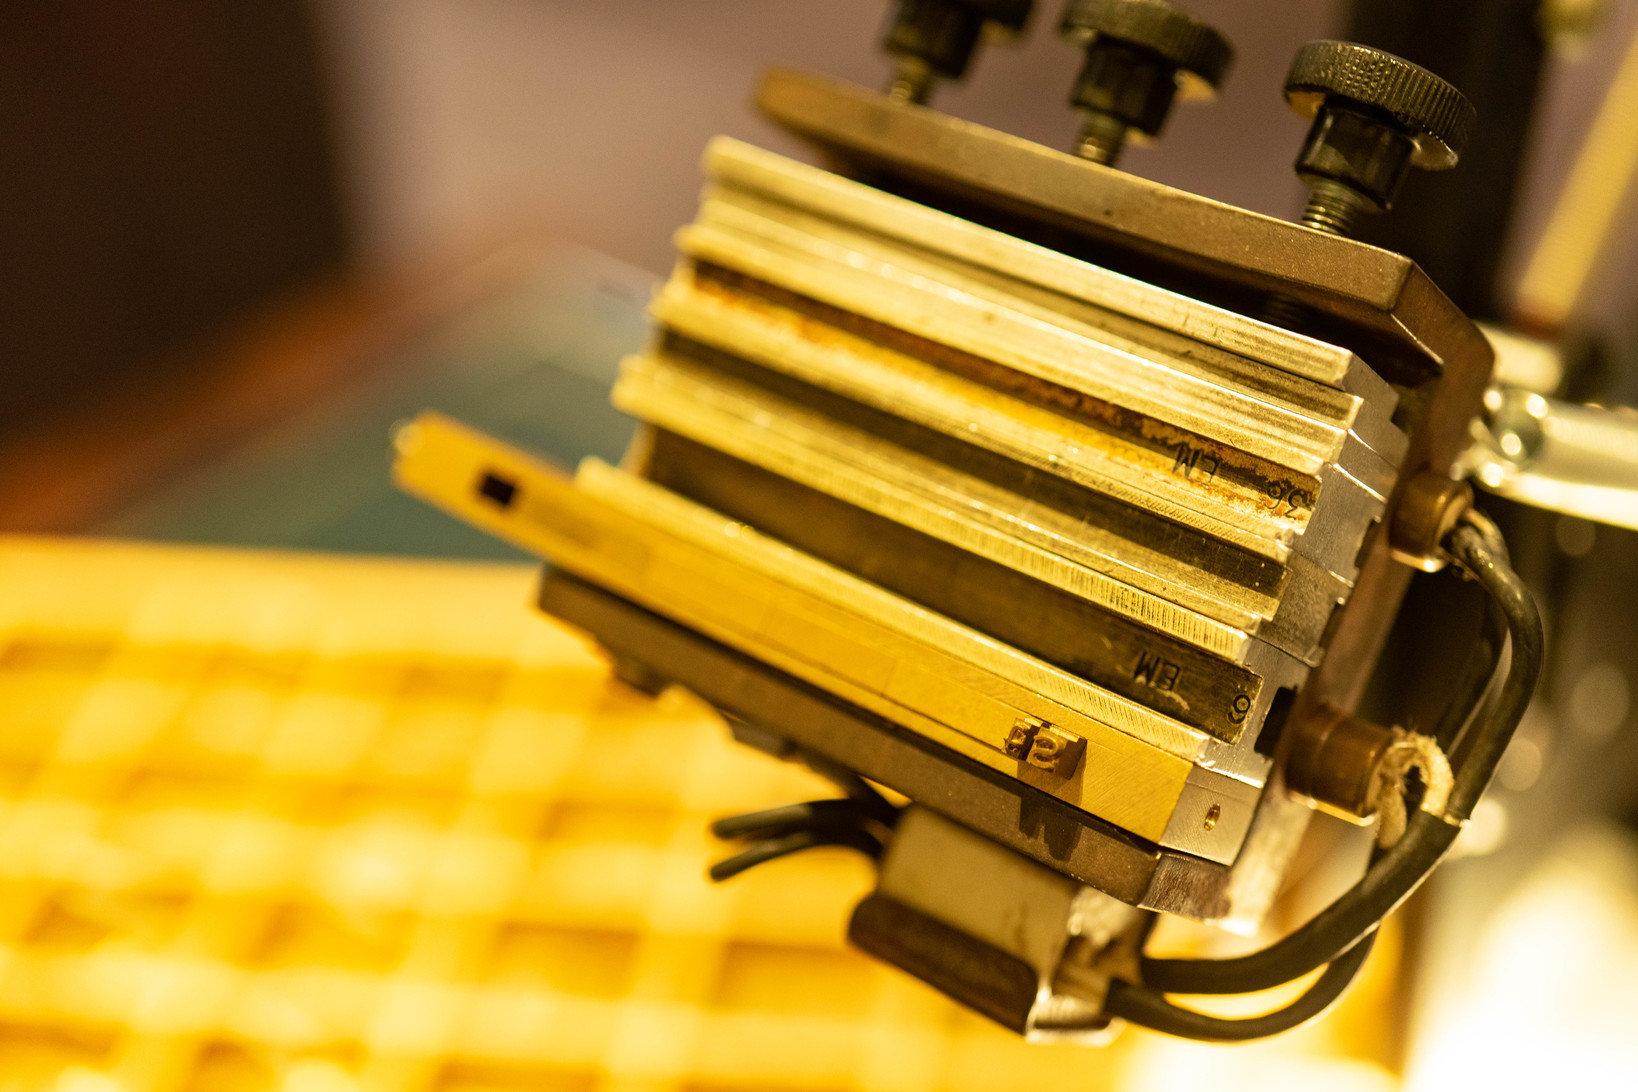 昔ながらの機械に、金属製の活版の組み合わせを嵌め込んでいく。